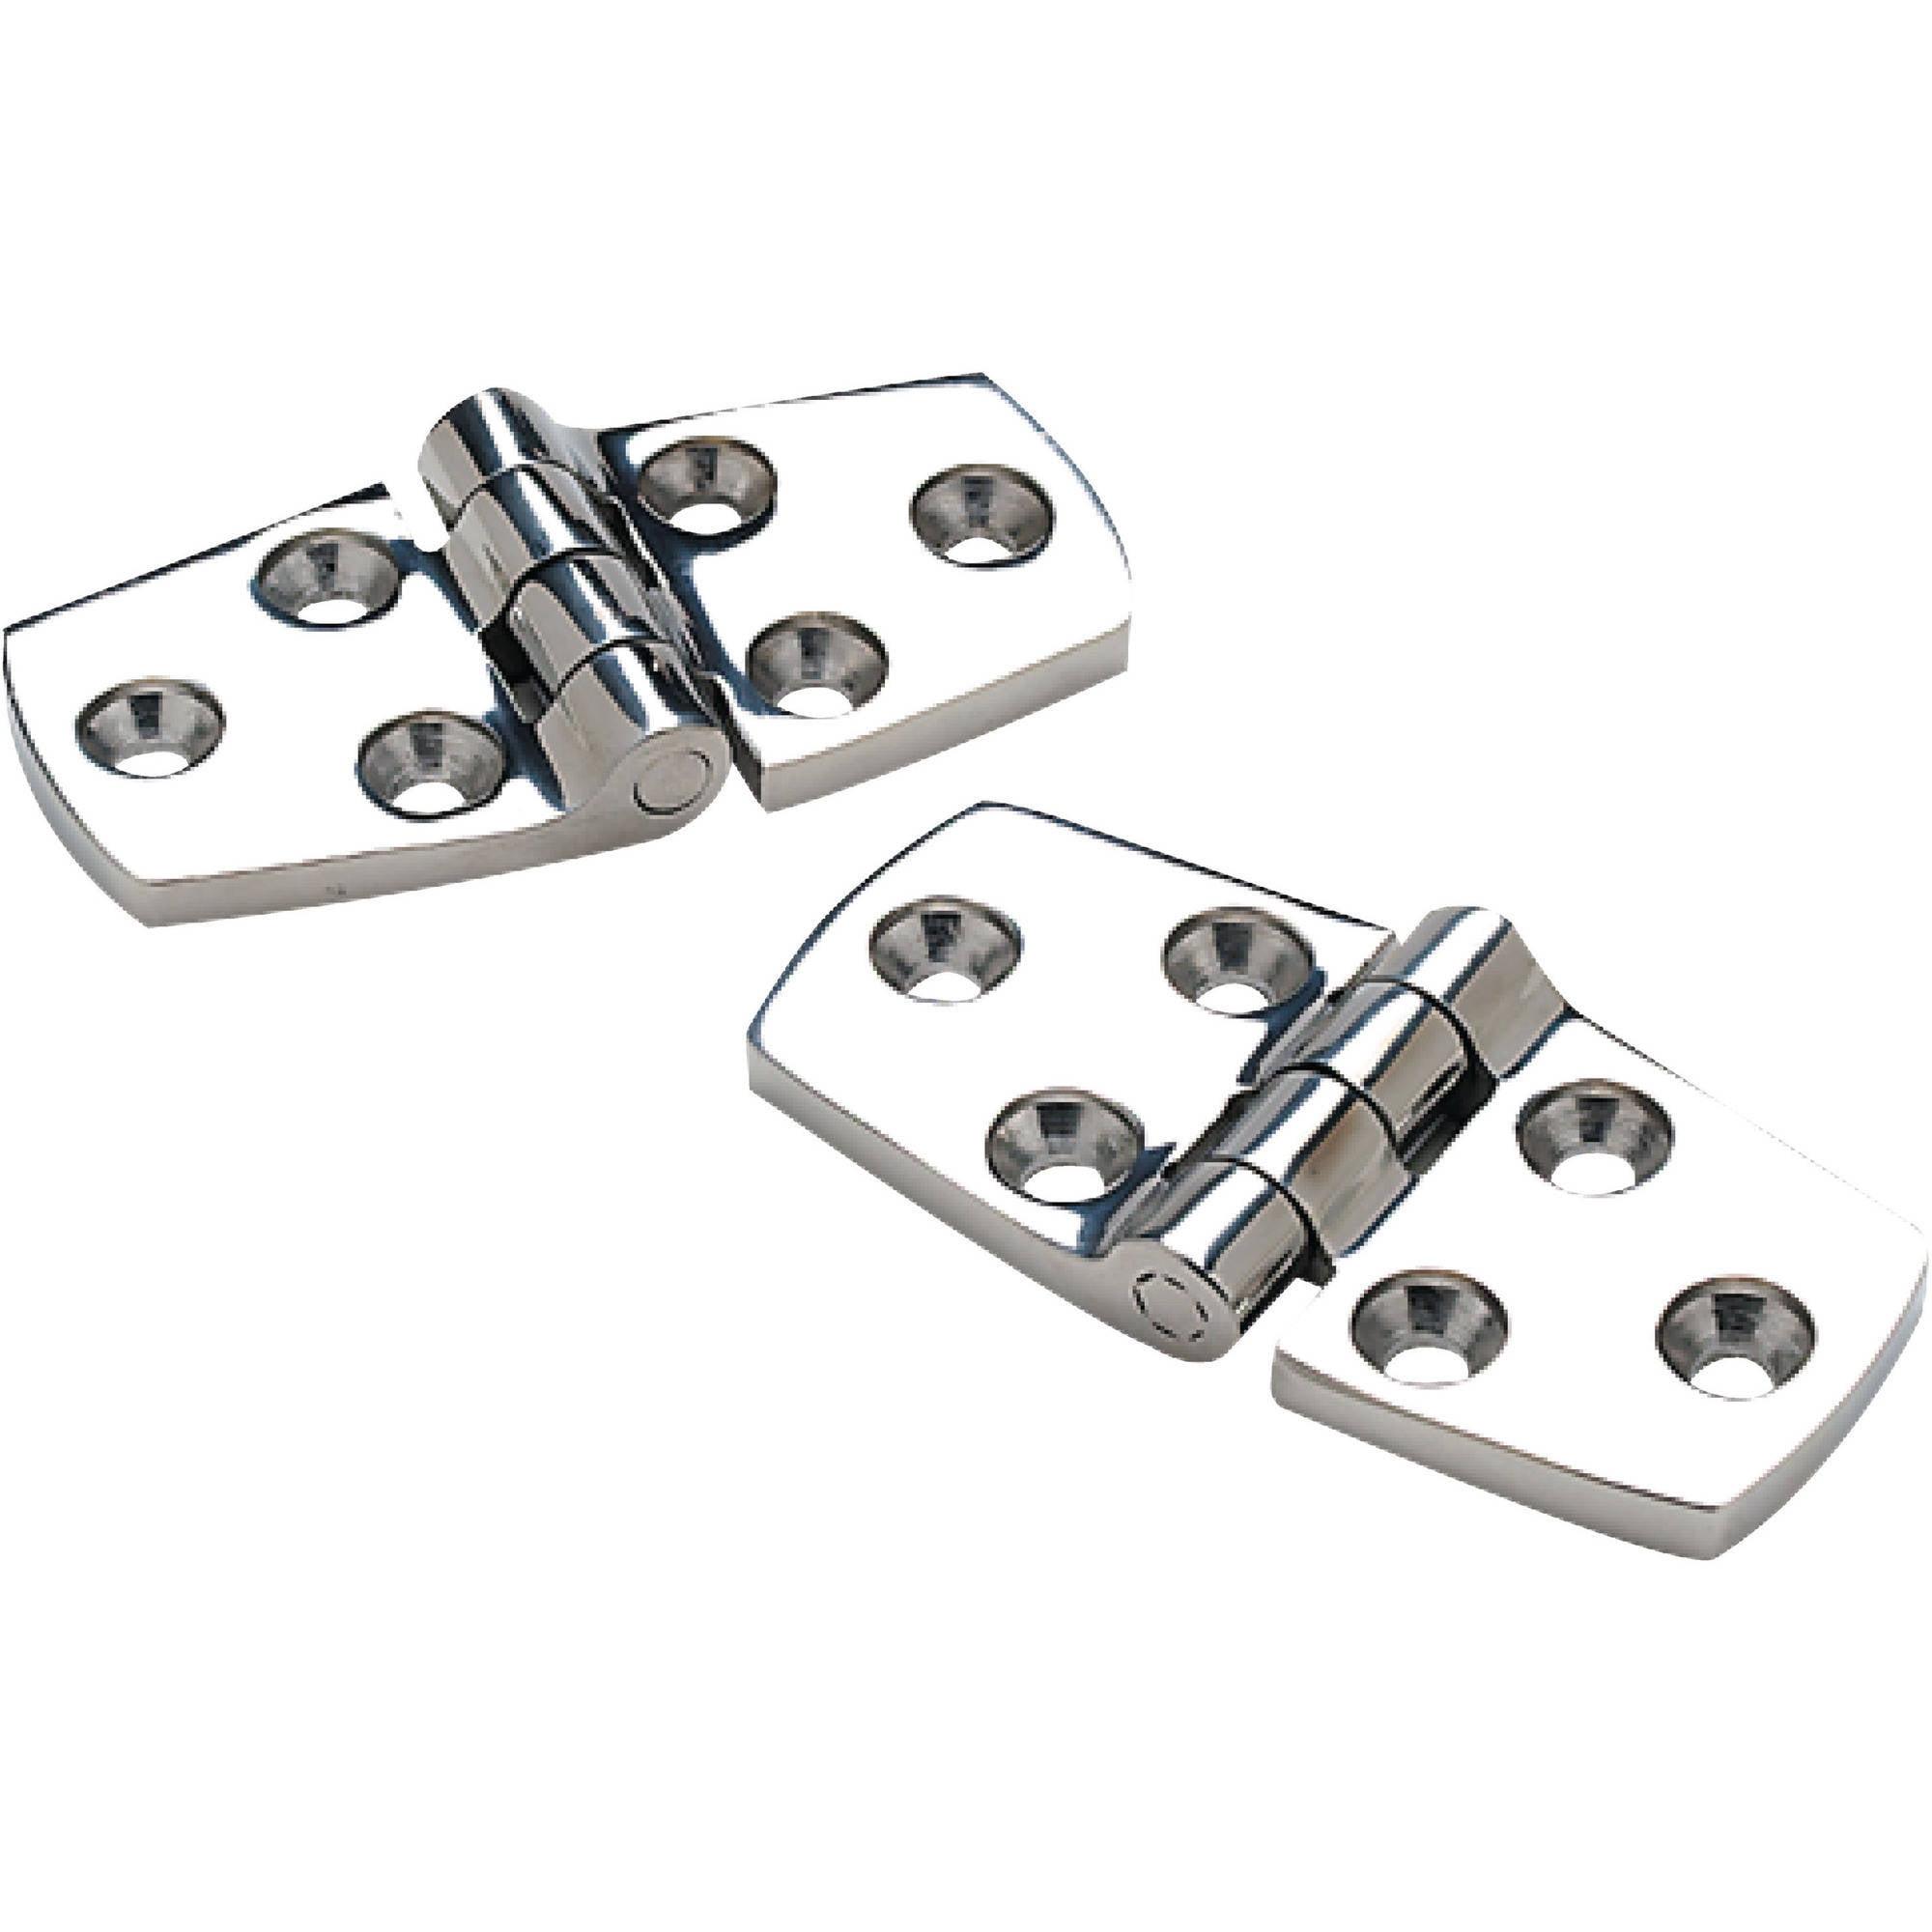 Seachoice Stainless Steel Door Hinges, 1 Pair